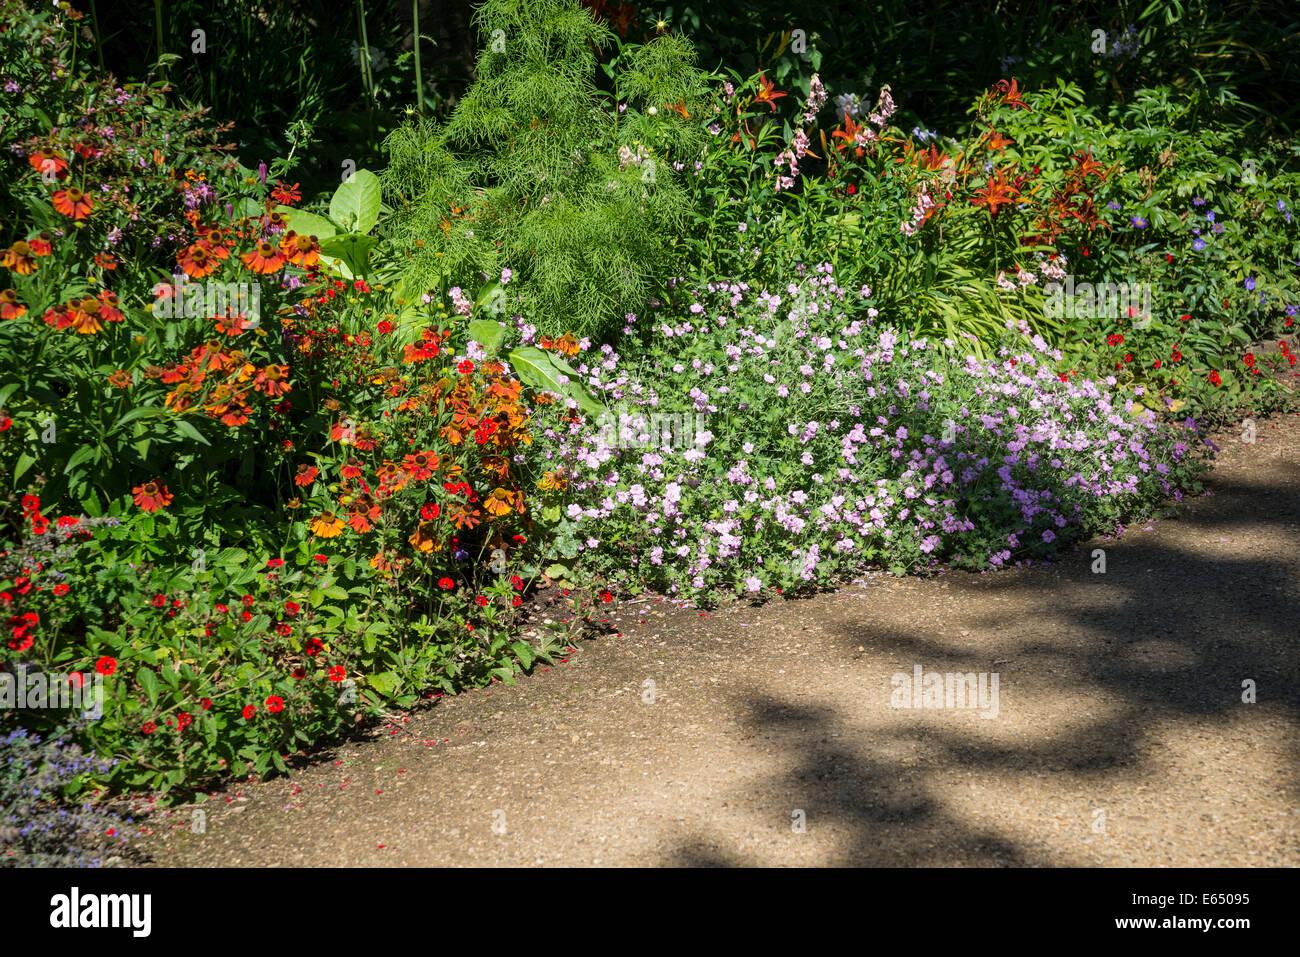 Sommer krautige Grenze, New College Gardens, Oxford, England, UK Stockbild